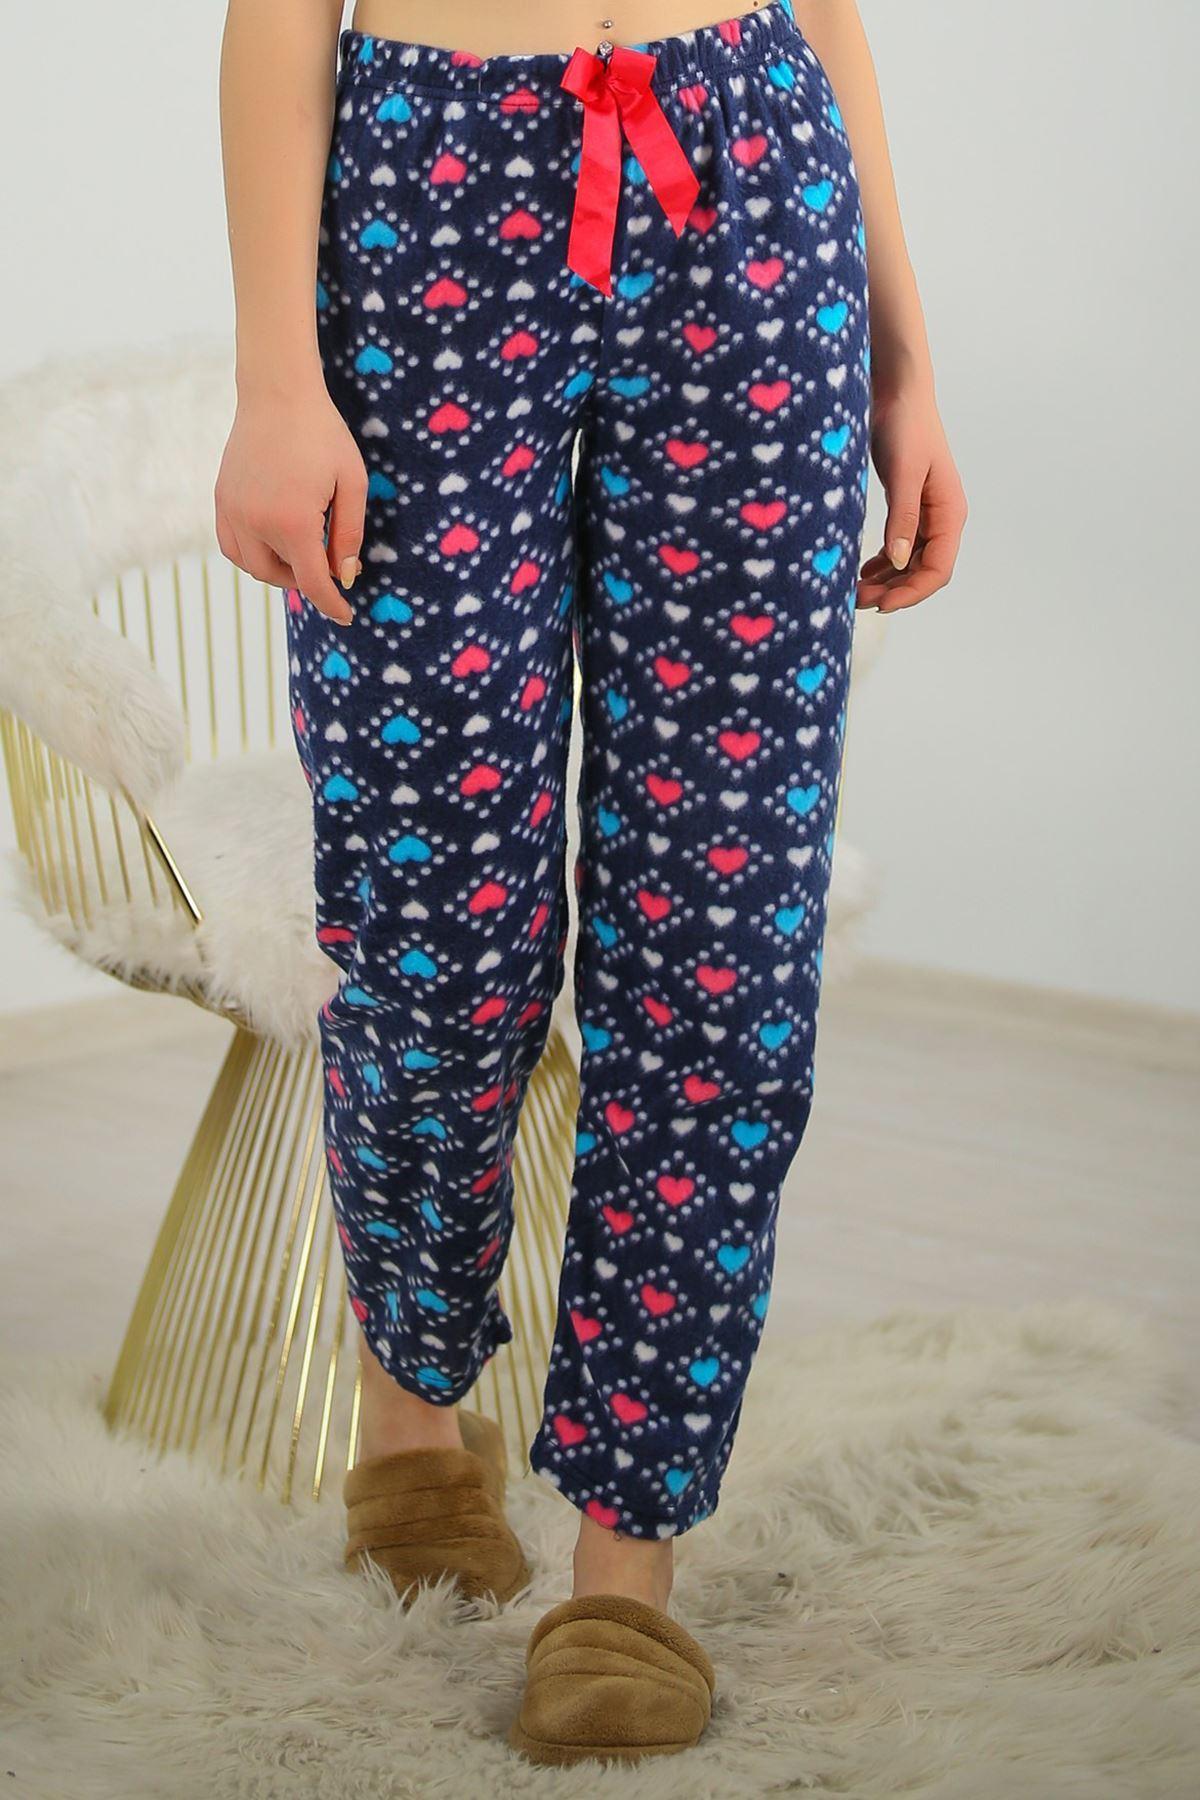 Polar Pijama Altı Desenlilaci - 4570.919.